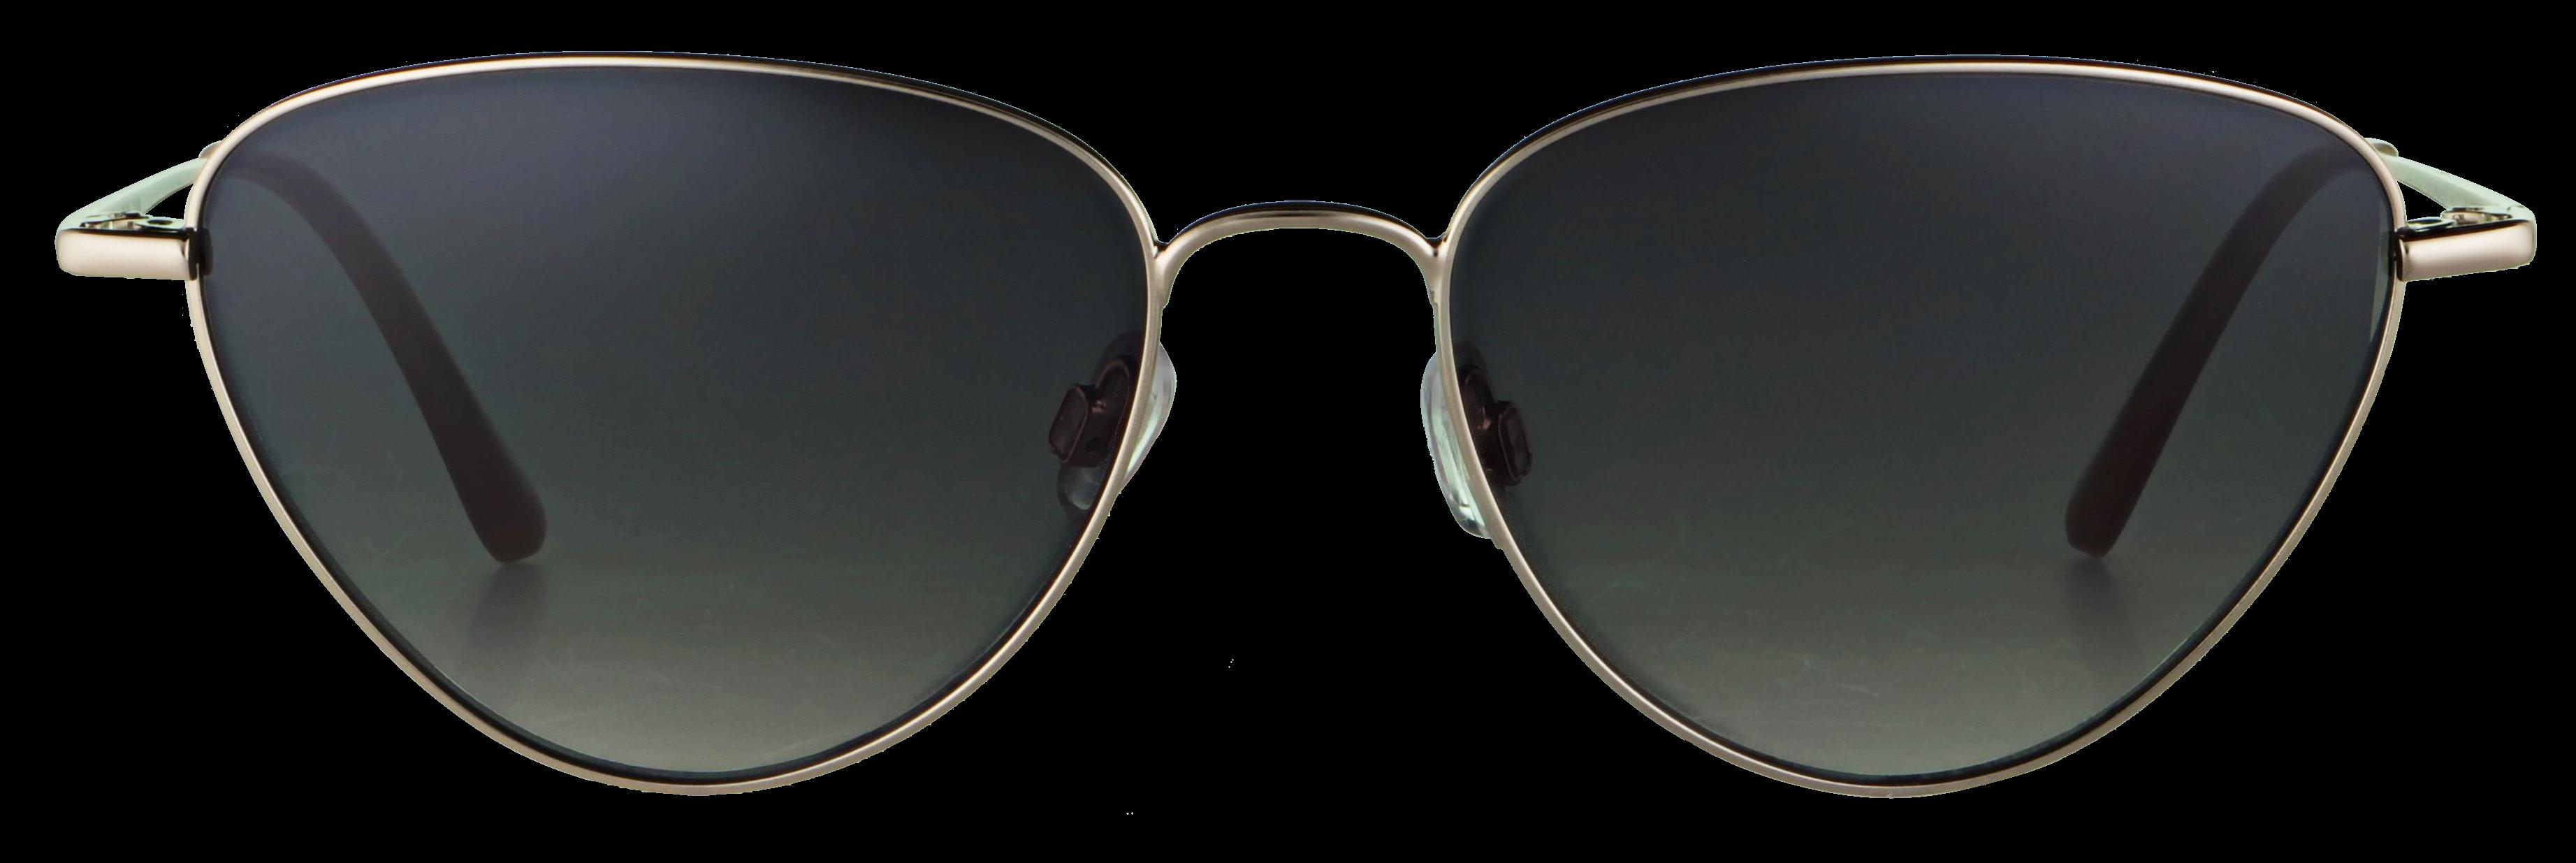 abele optik 718182